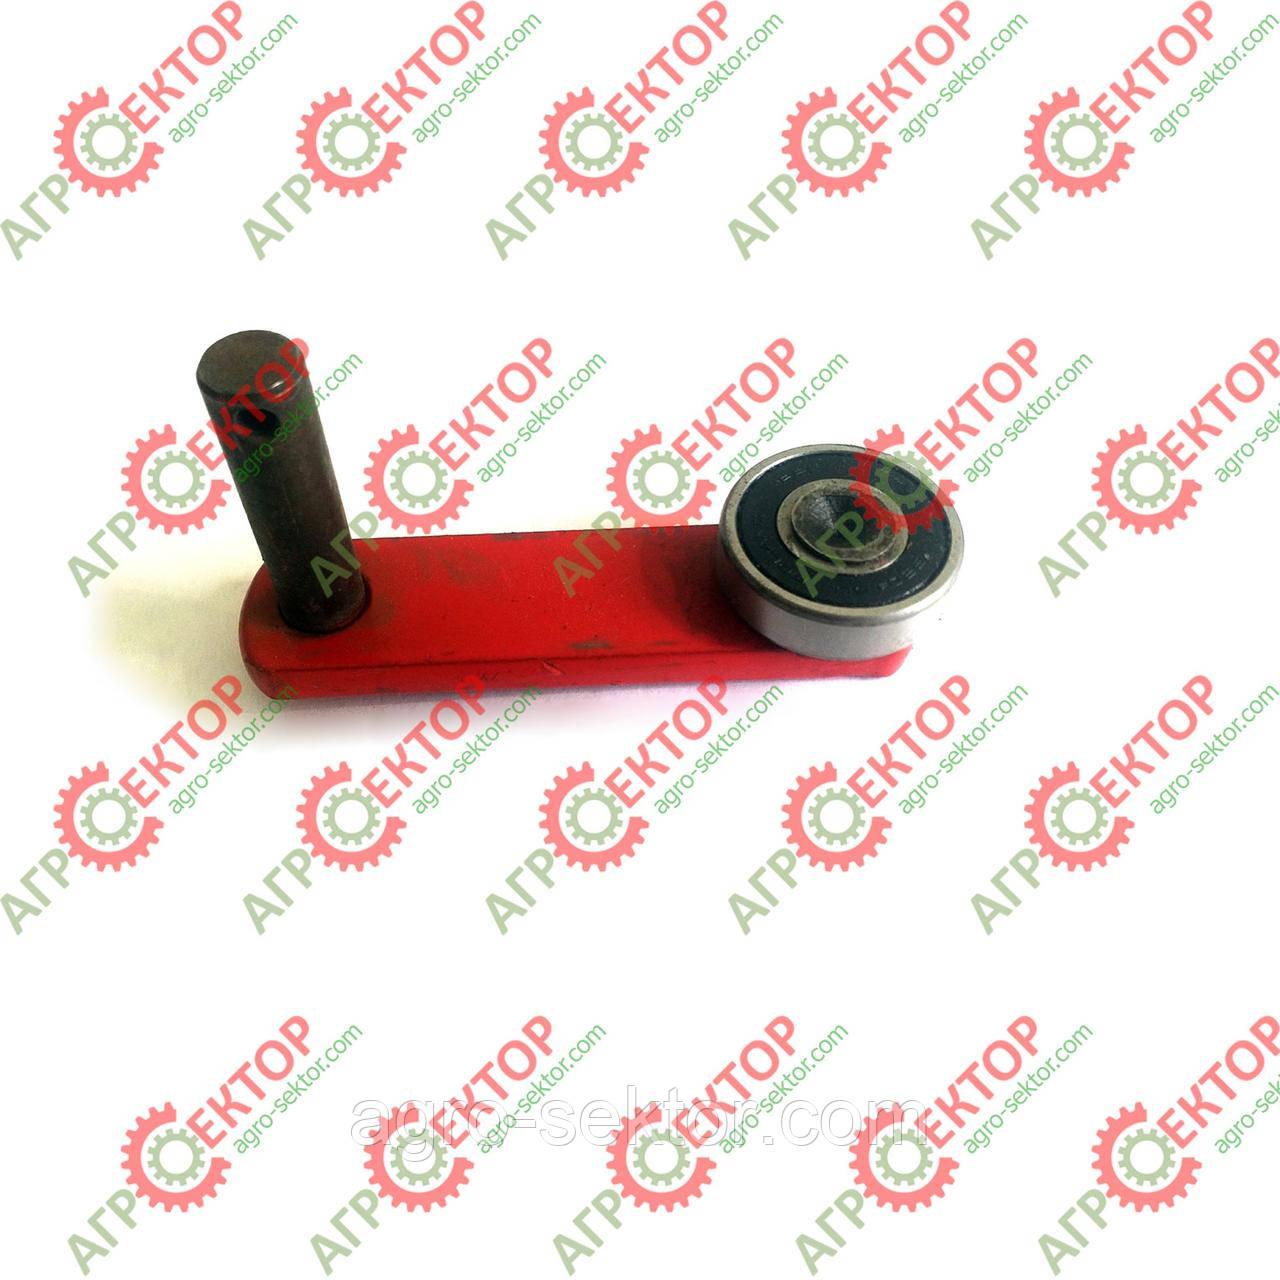 Ричаг механізму включення в'язального апарату прес-підбирача Famarol Z-511 8245-511-008-132